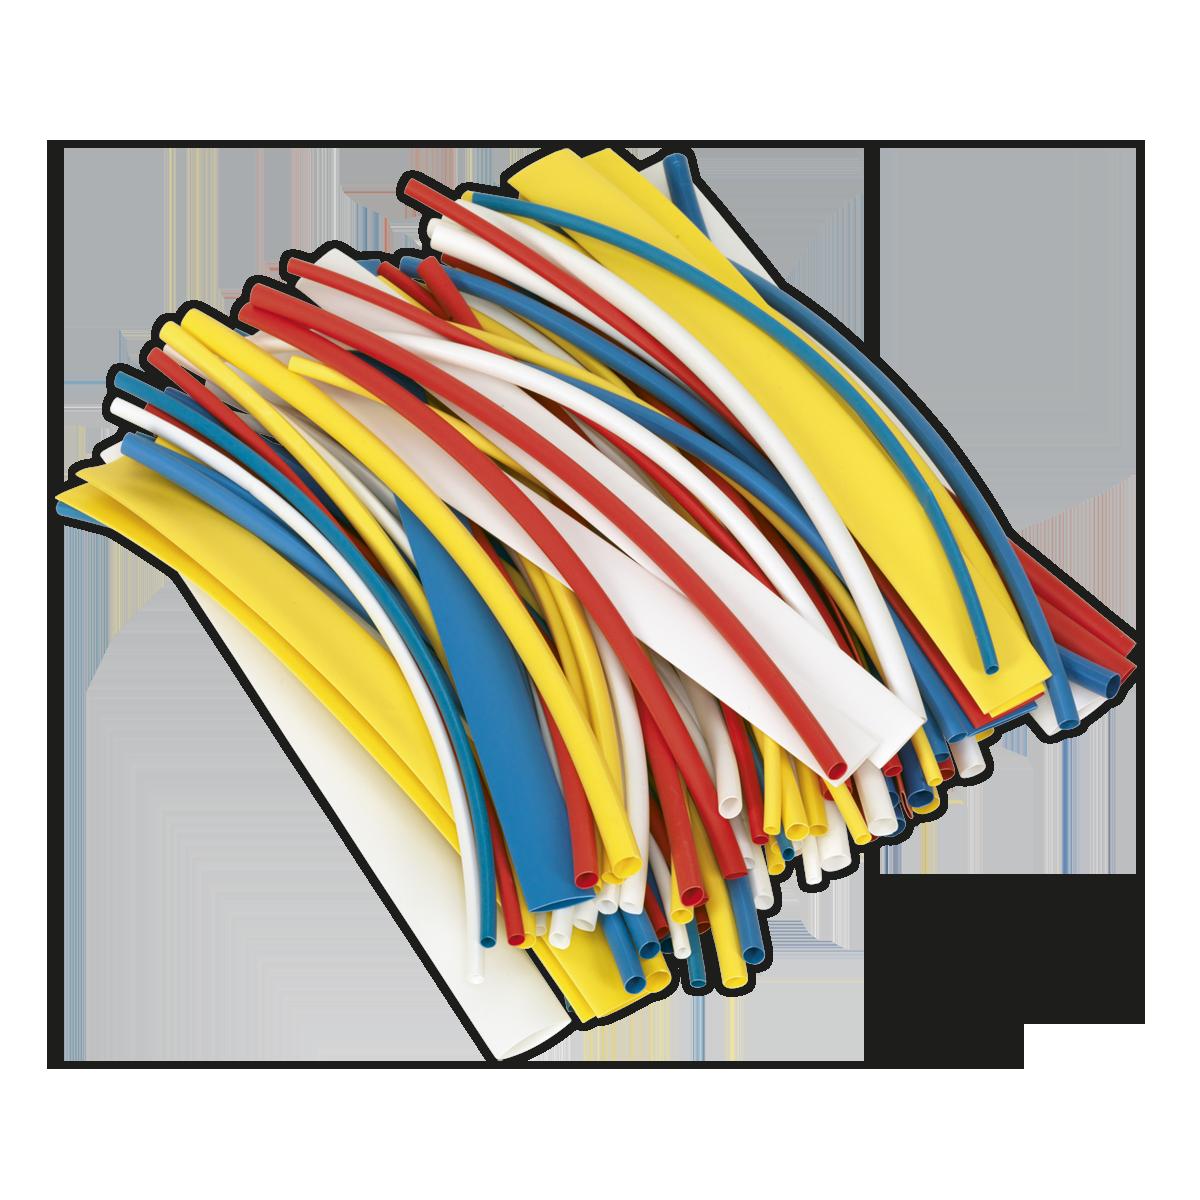 Sealey HST200MC Heat Shrink Tubing Colores Mezclados 200mm 100 piezas